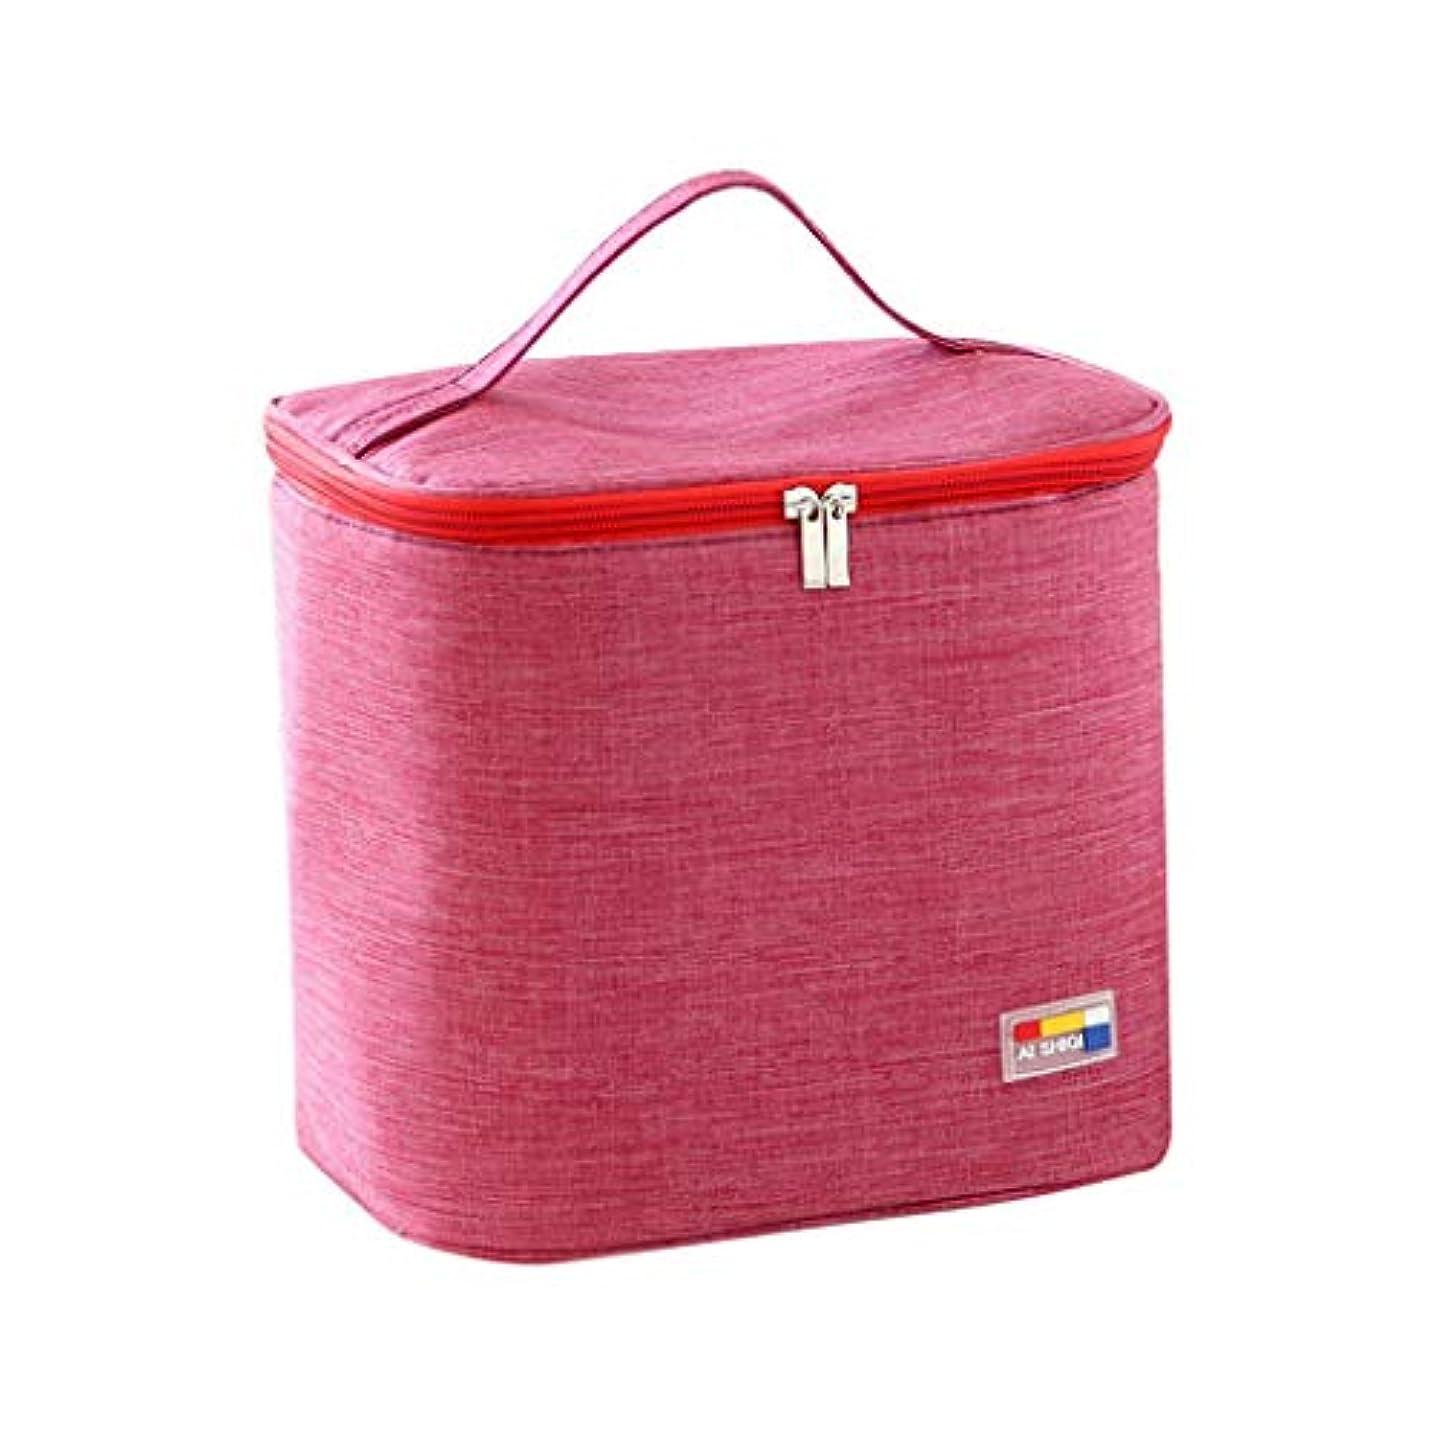 クリエイティブデイジー自分自身専用ランチバッグトートバッグ断熱性を向上キャンプに適していますシンプルなバッグイージーファッション絶縁バッグ冷蔵バッグポケットを描く冷却ハンドバッグ防水ハンドバッグ (A)